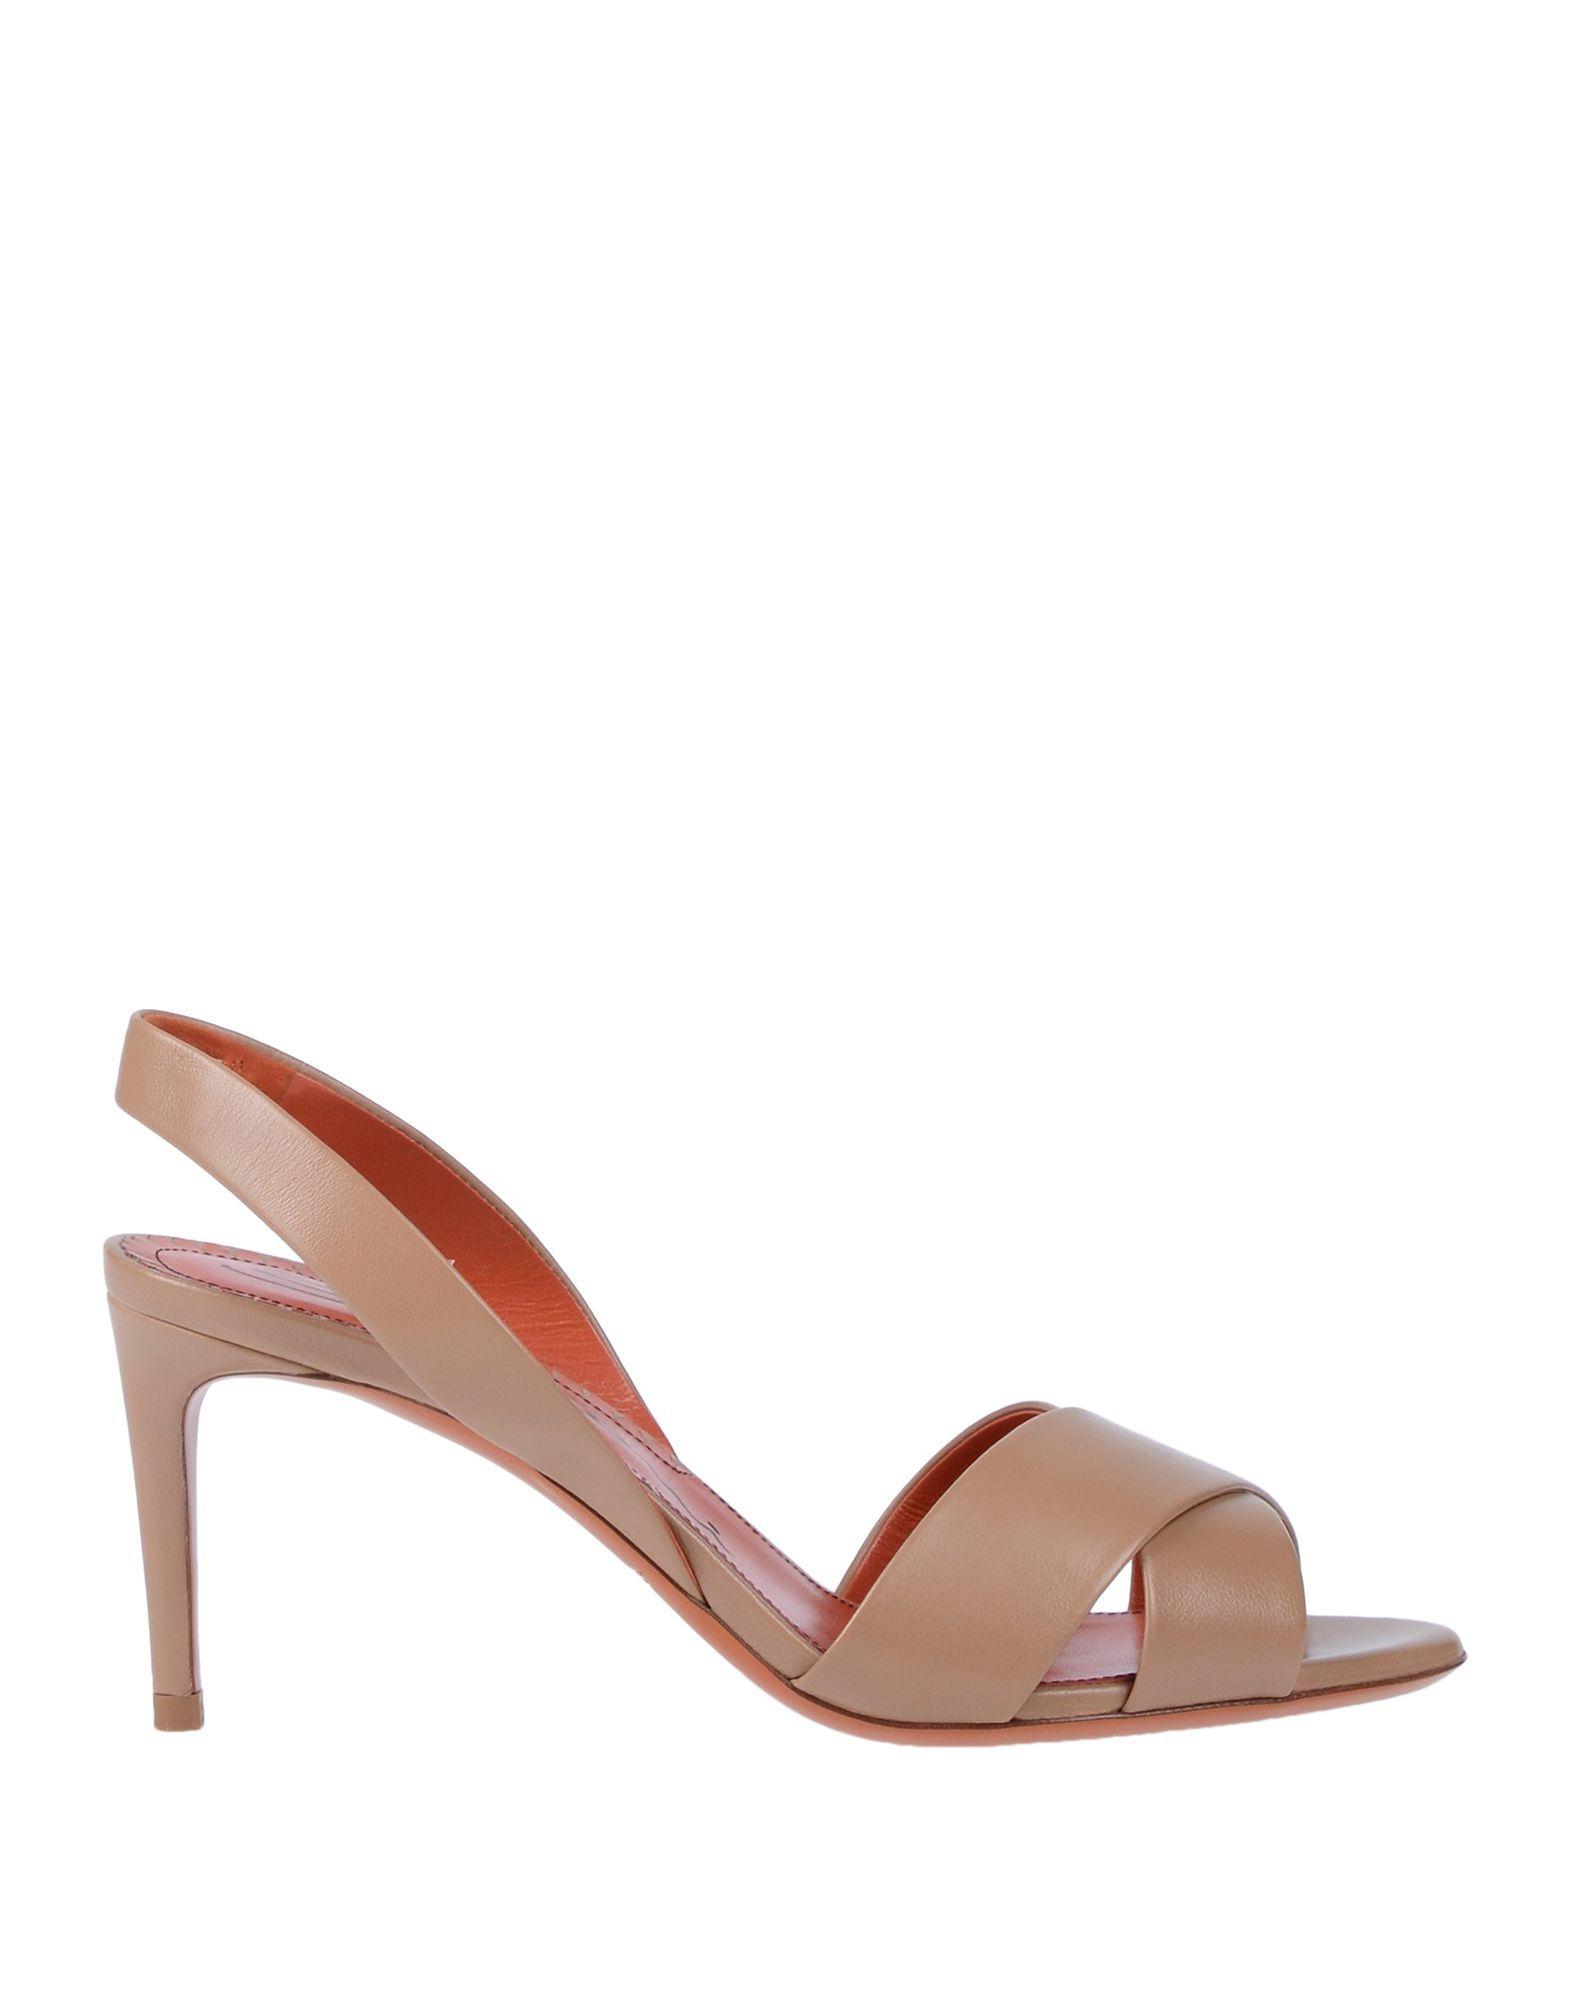 Santoni Pale Pink Leather Slingback Heels